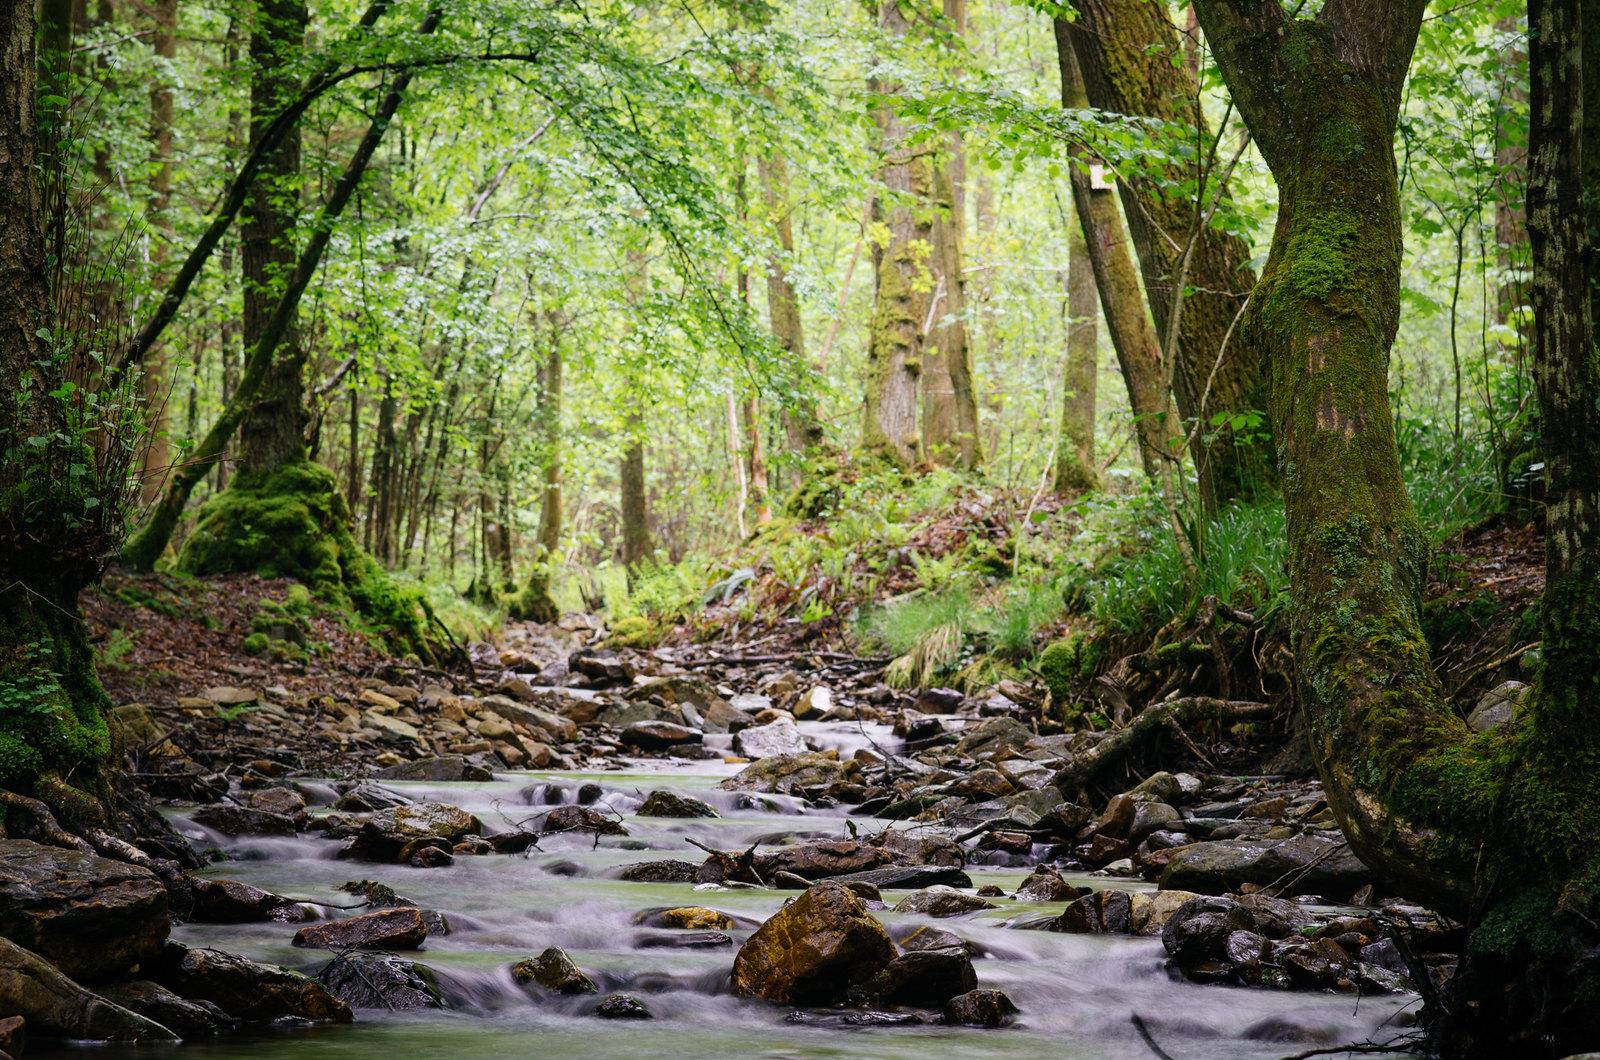 Balade dans les Ardennes - Comme un air d'Irlande